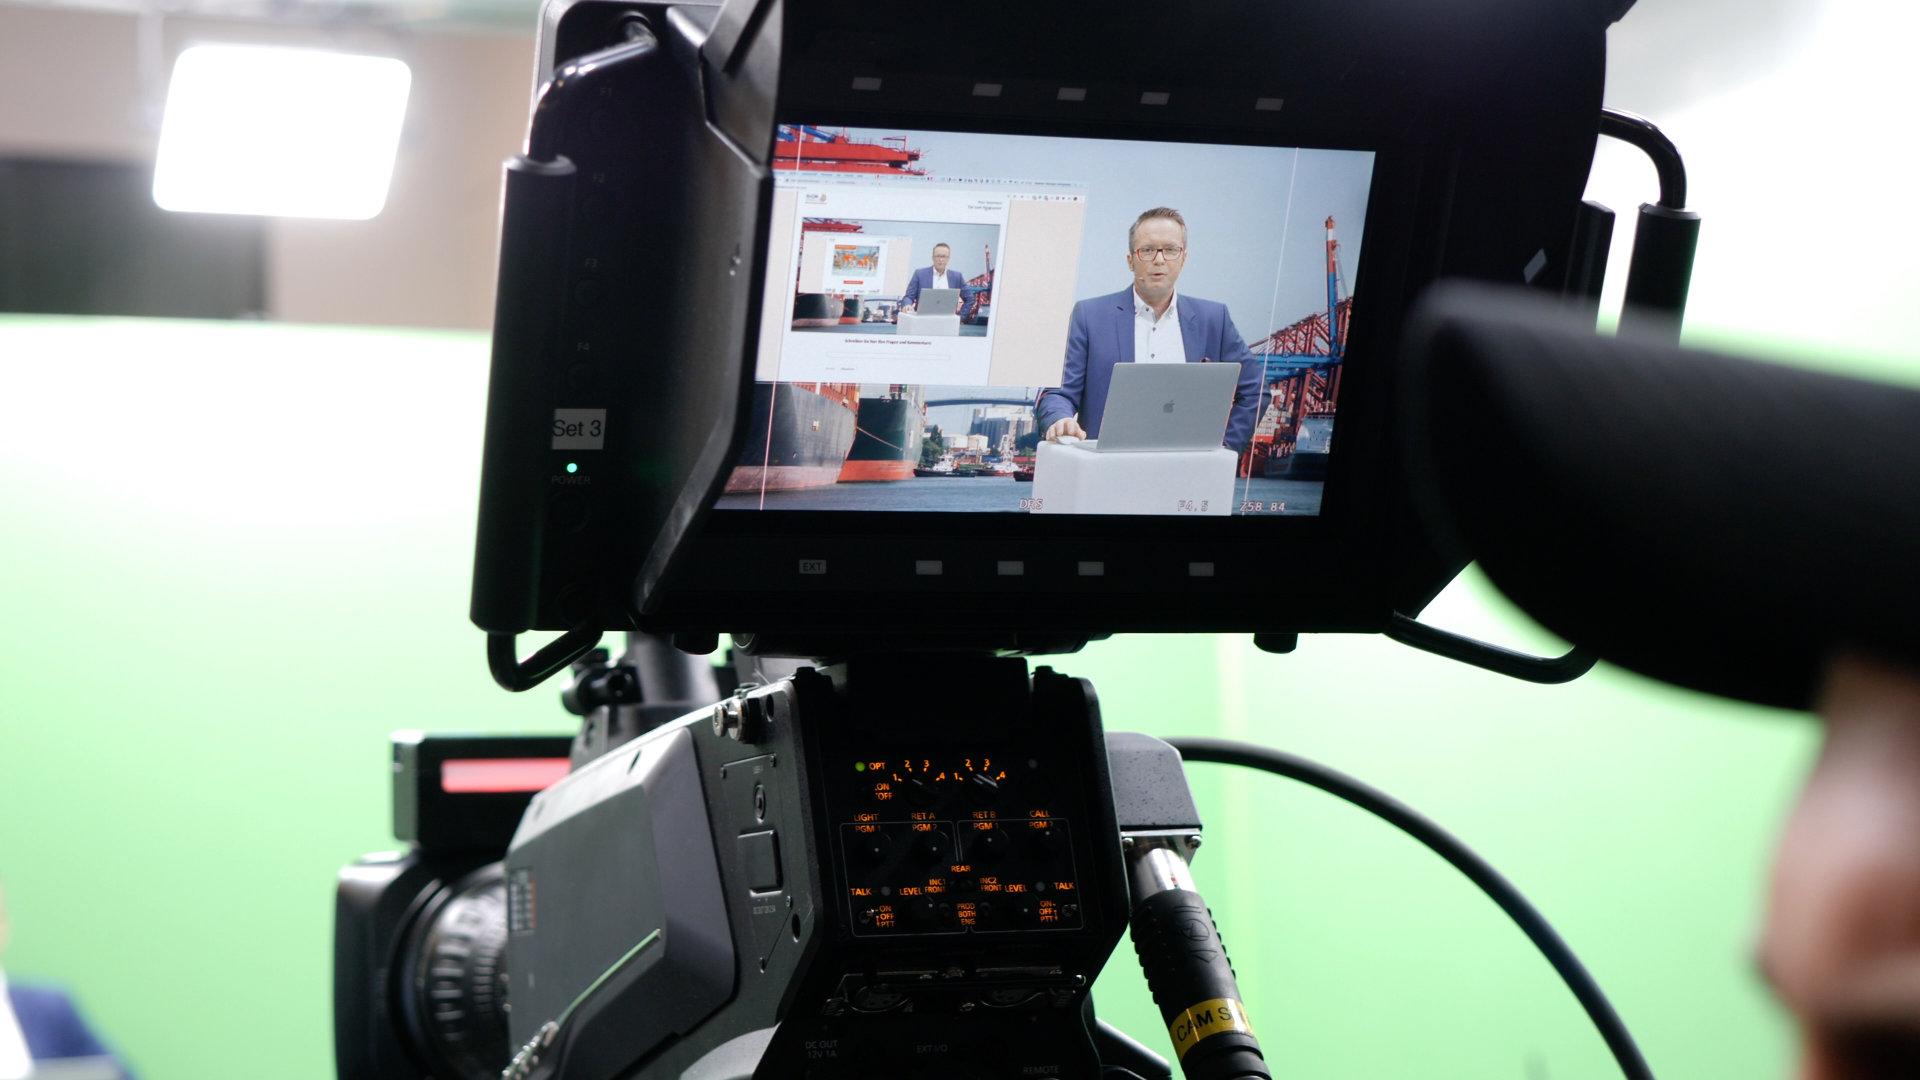 BvCM 2020 Virtueller Bundeskongress